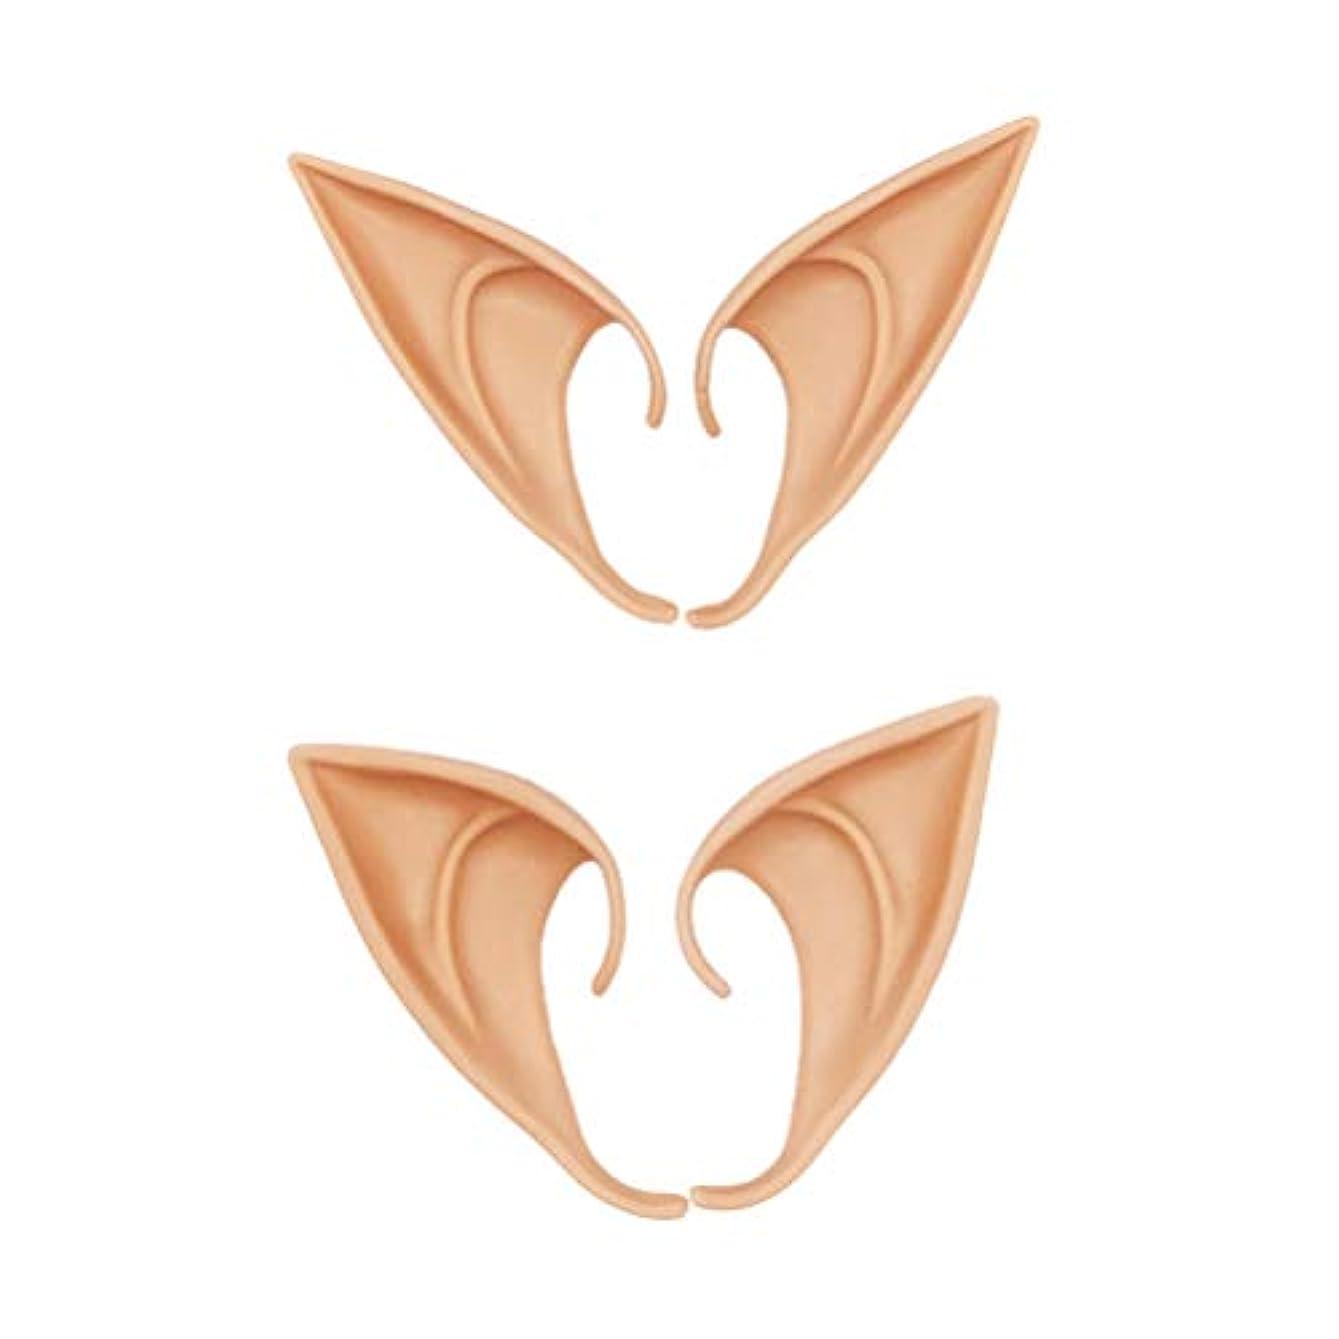 リンケージモネ屋内でToyvian エルフ耳コスプレイースターカーニバルパーティーエルフコスチューム補綴耳偽のヒント耳写真小道具4ピース